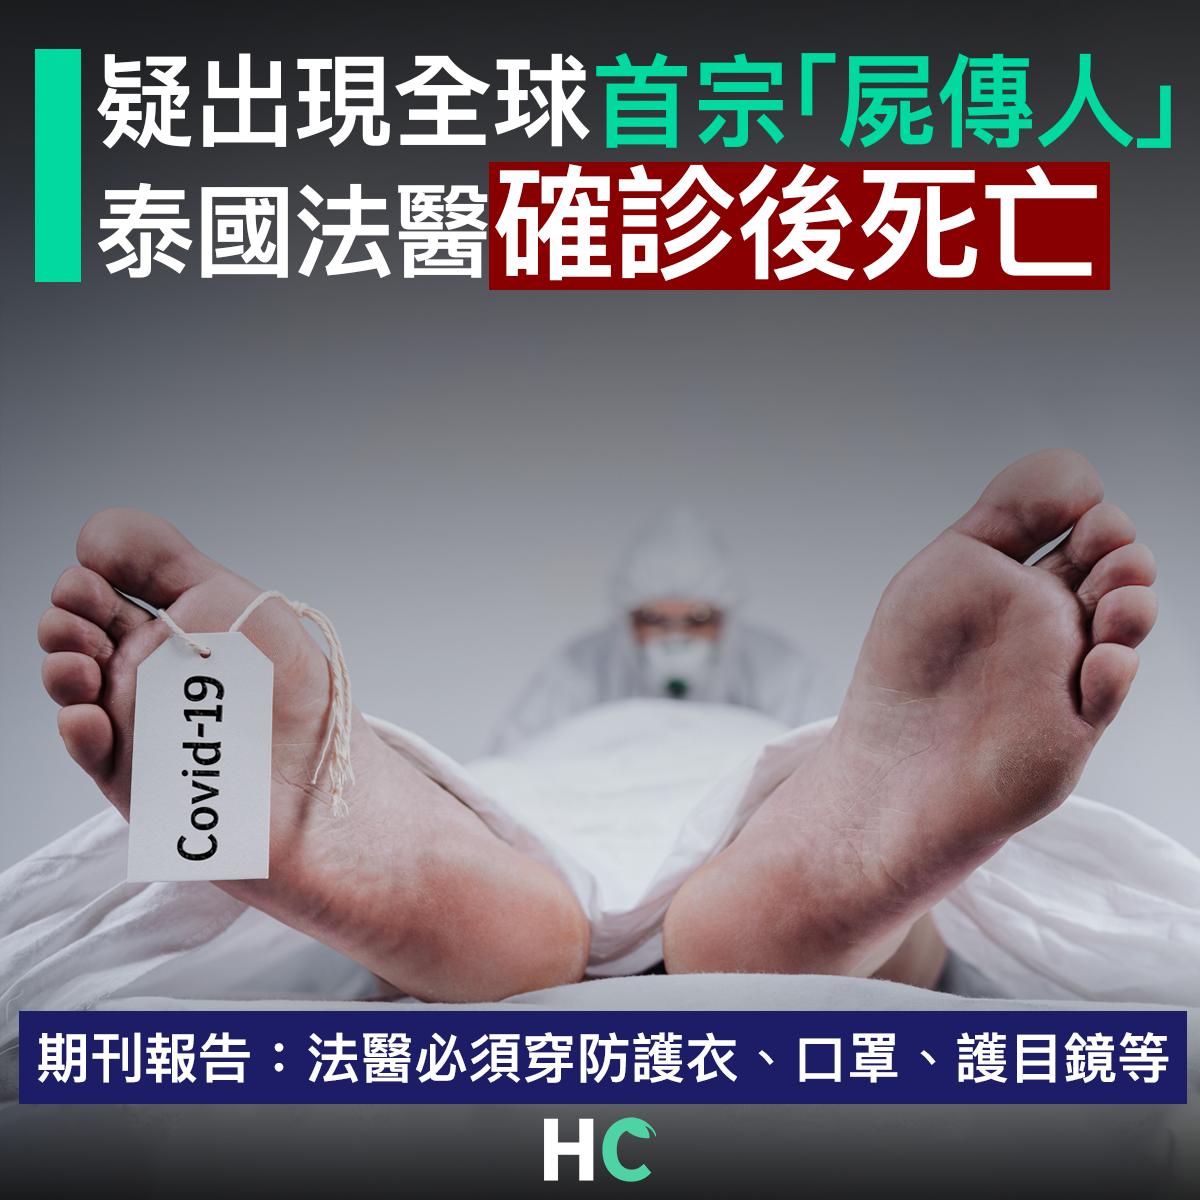 【#武漢肺炎】疑出現全球首宗「屍傳人」 泰國法醫確診後死亡